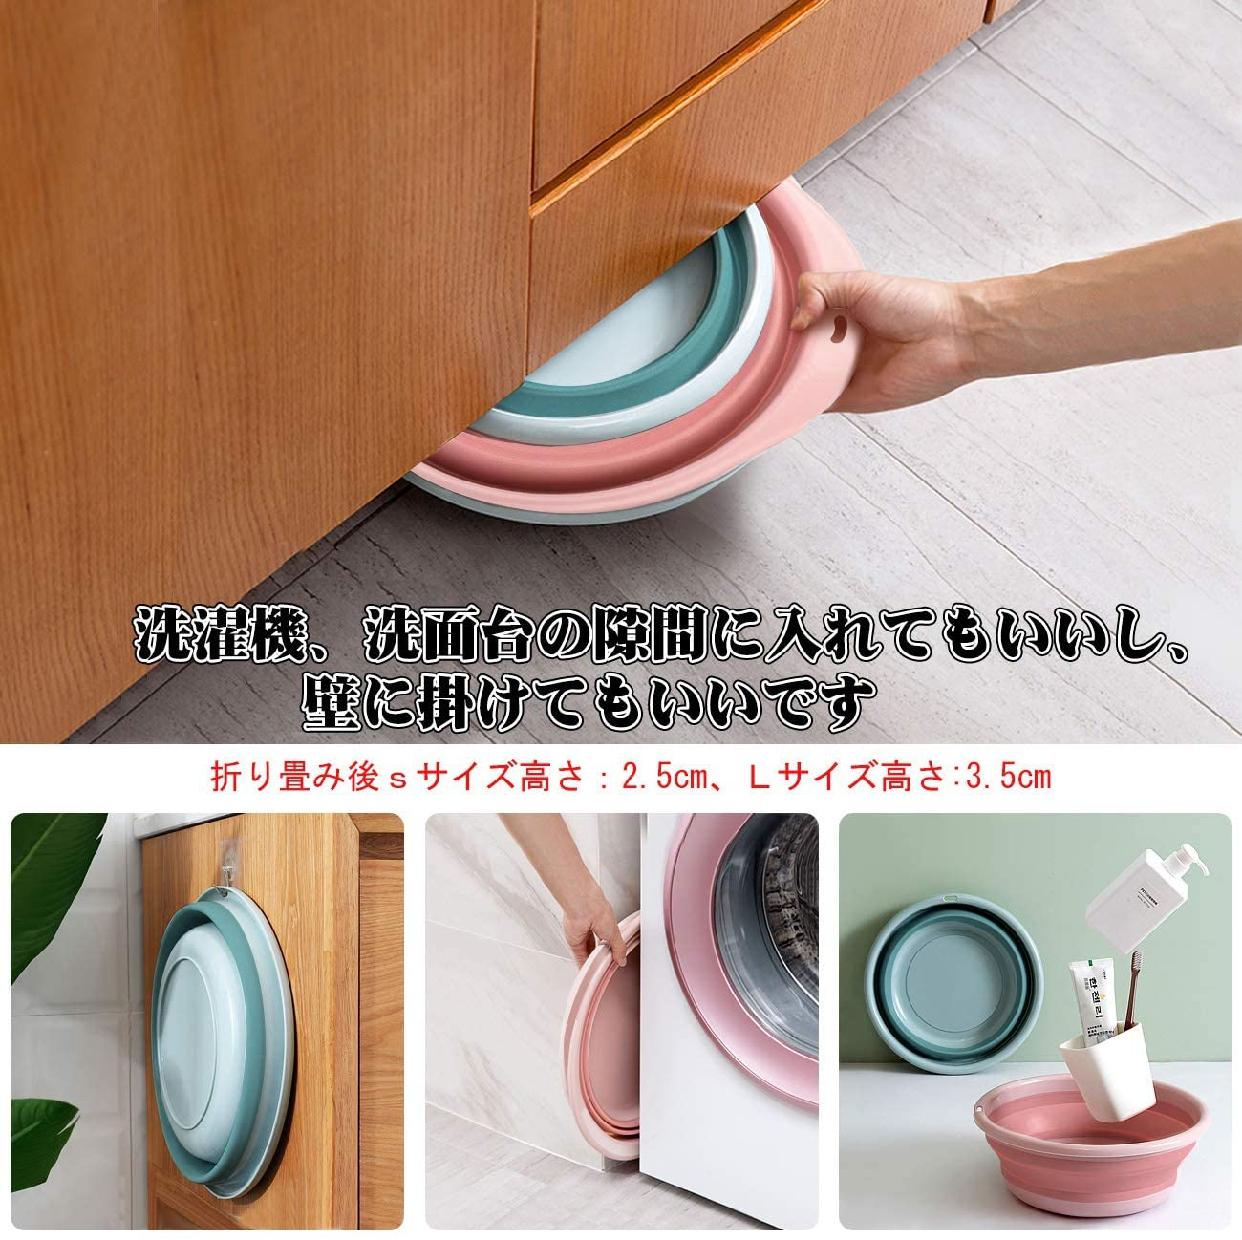 MM&UU(エムエムアンドユーユー) 洗い桶 折り畳み 2点セット ピンクとブルーの商品画像5